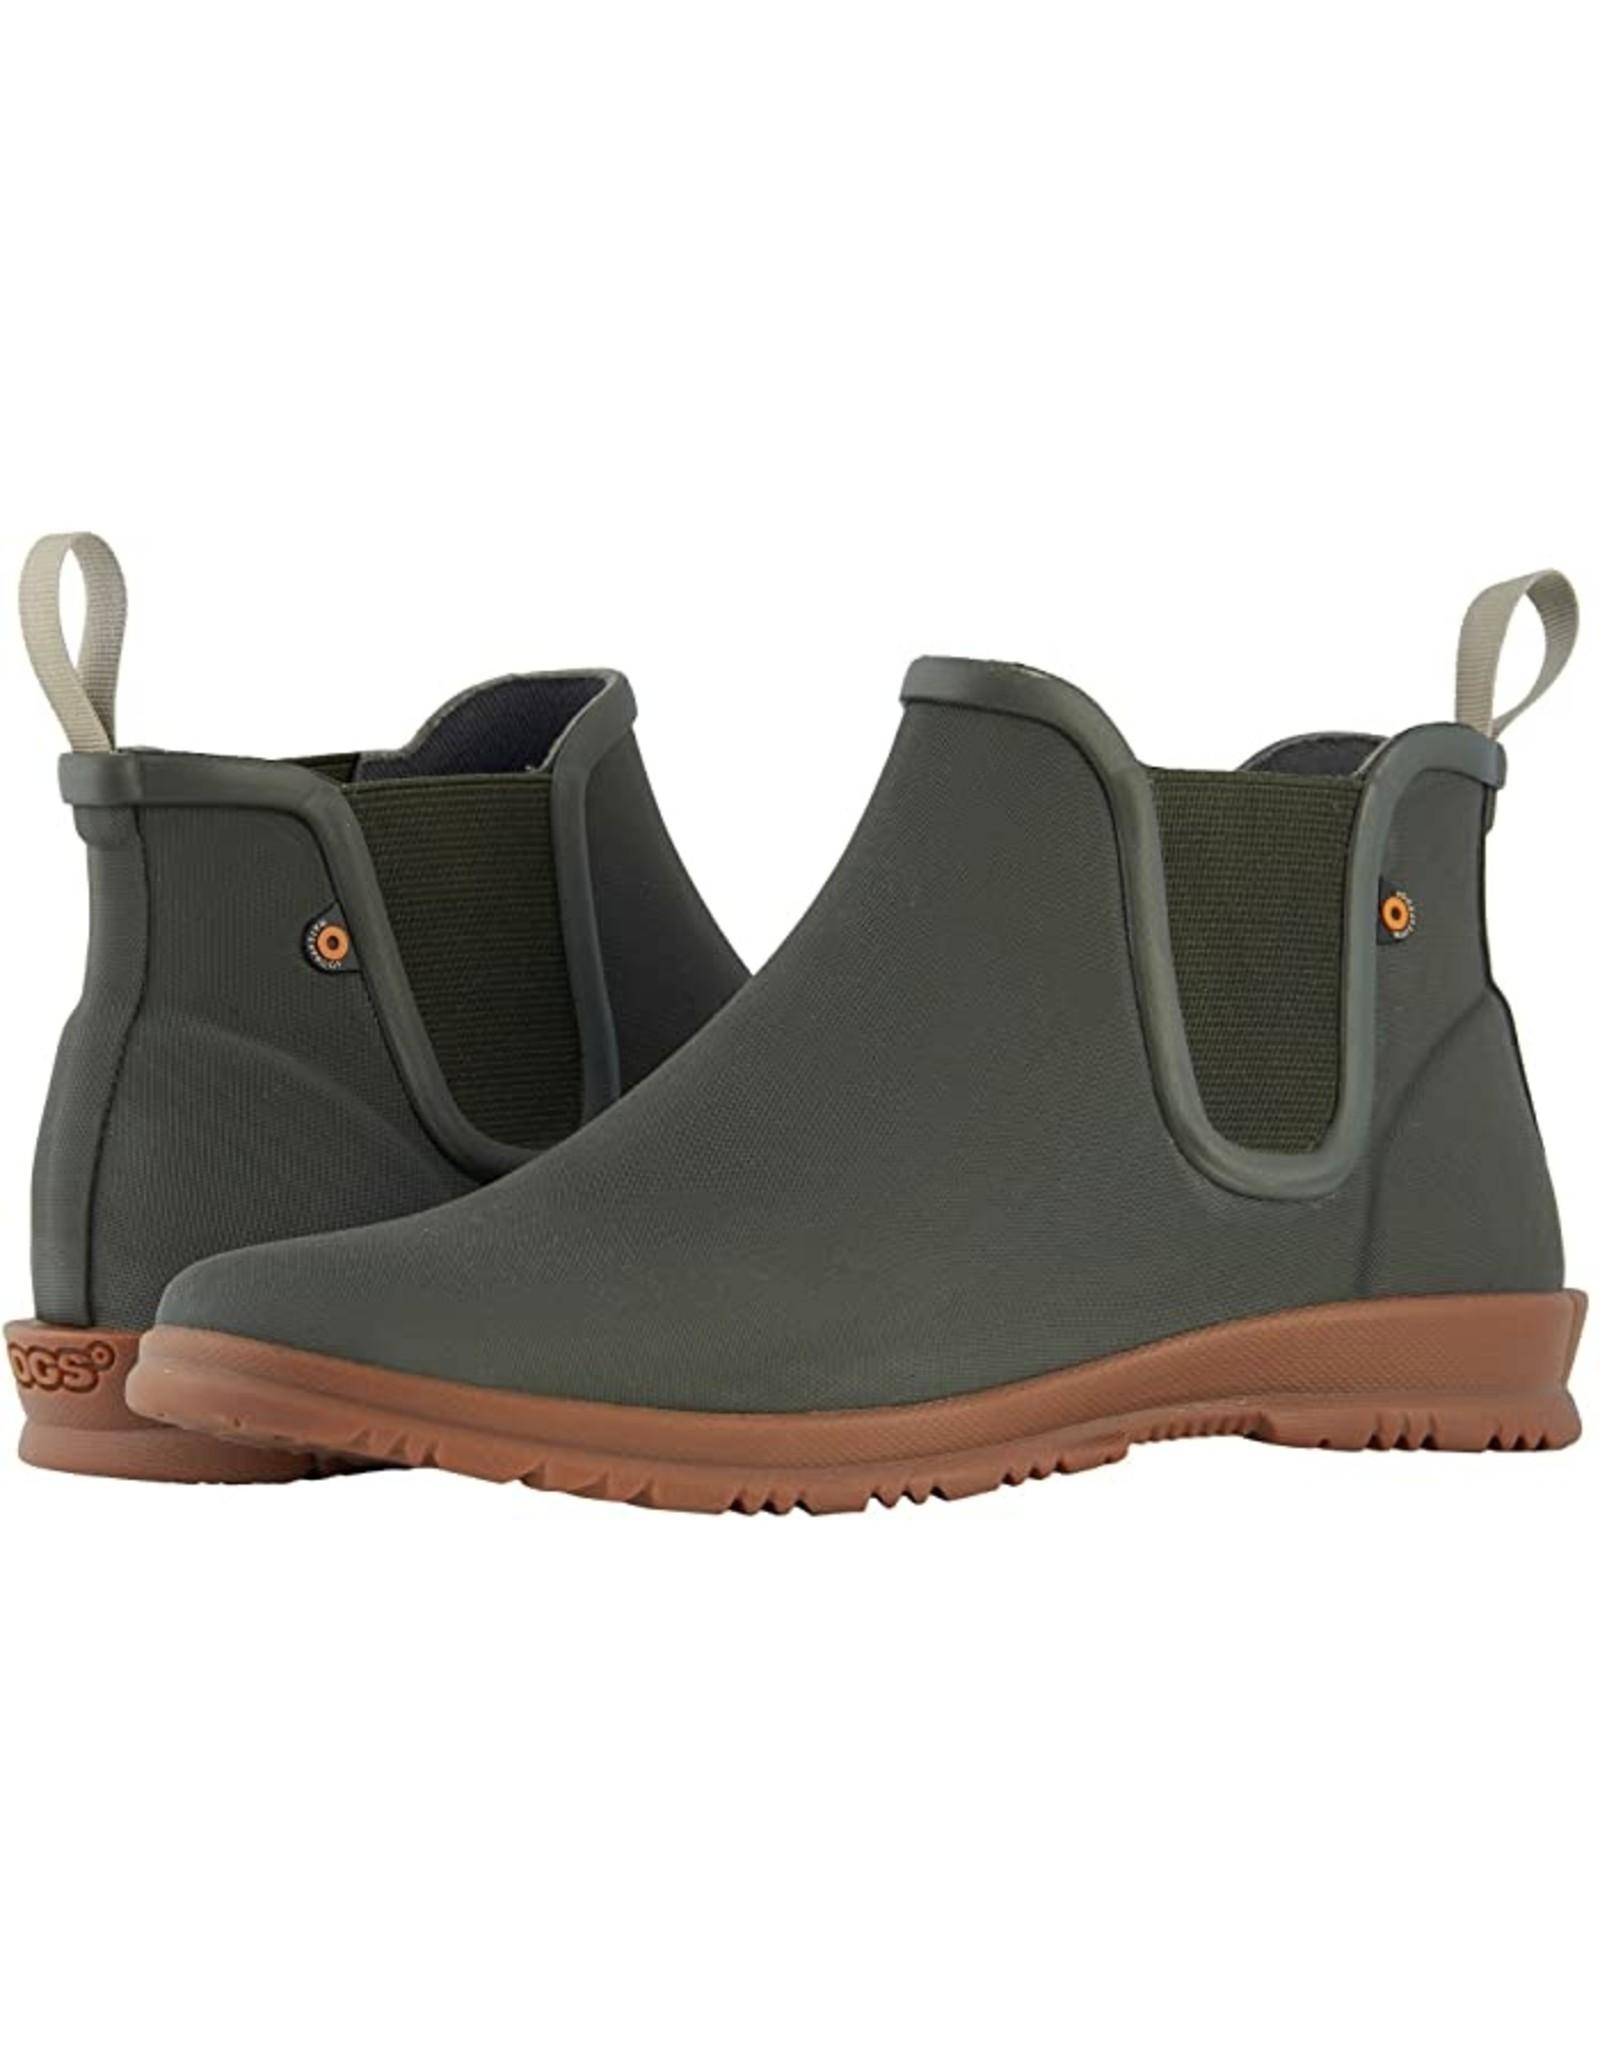 BOGS Bogs Sweetpea Boot